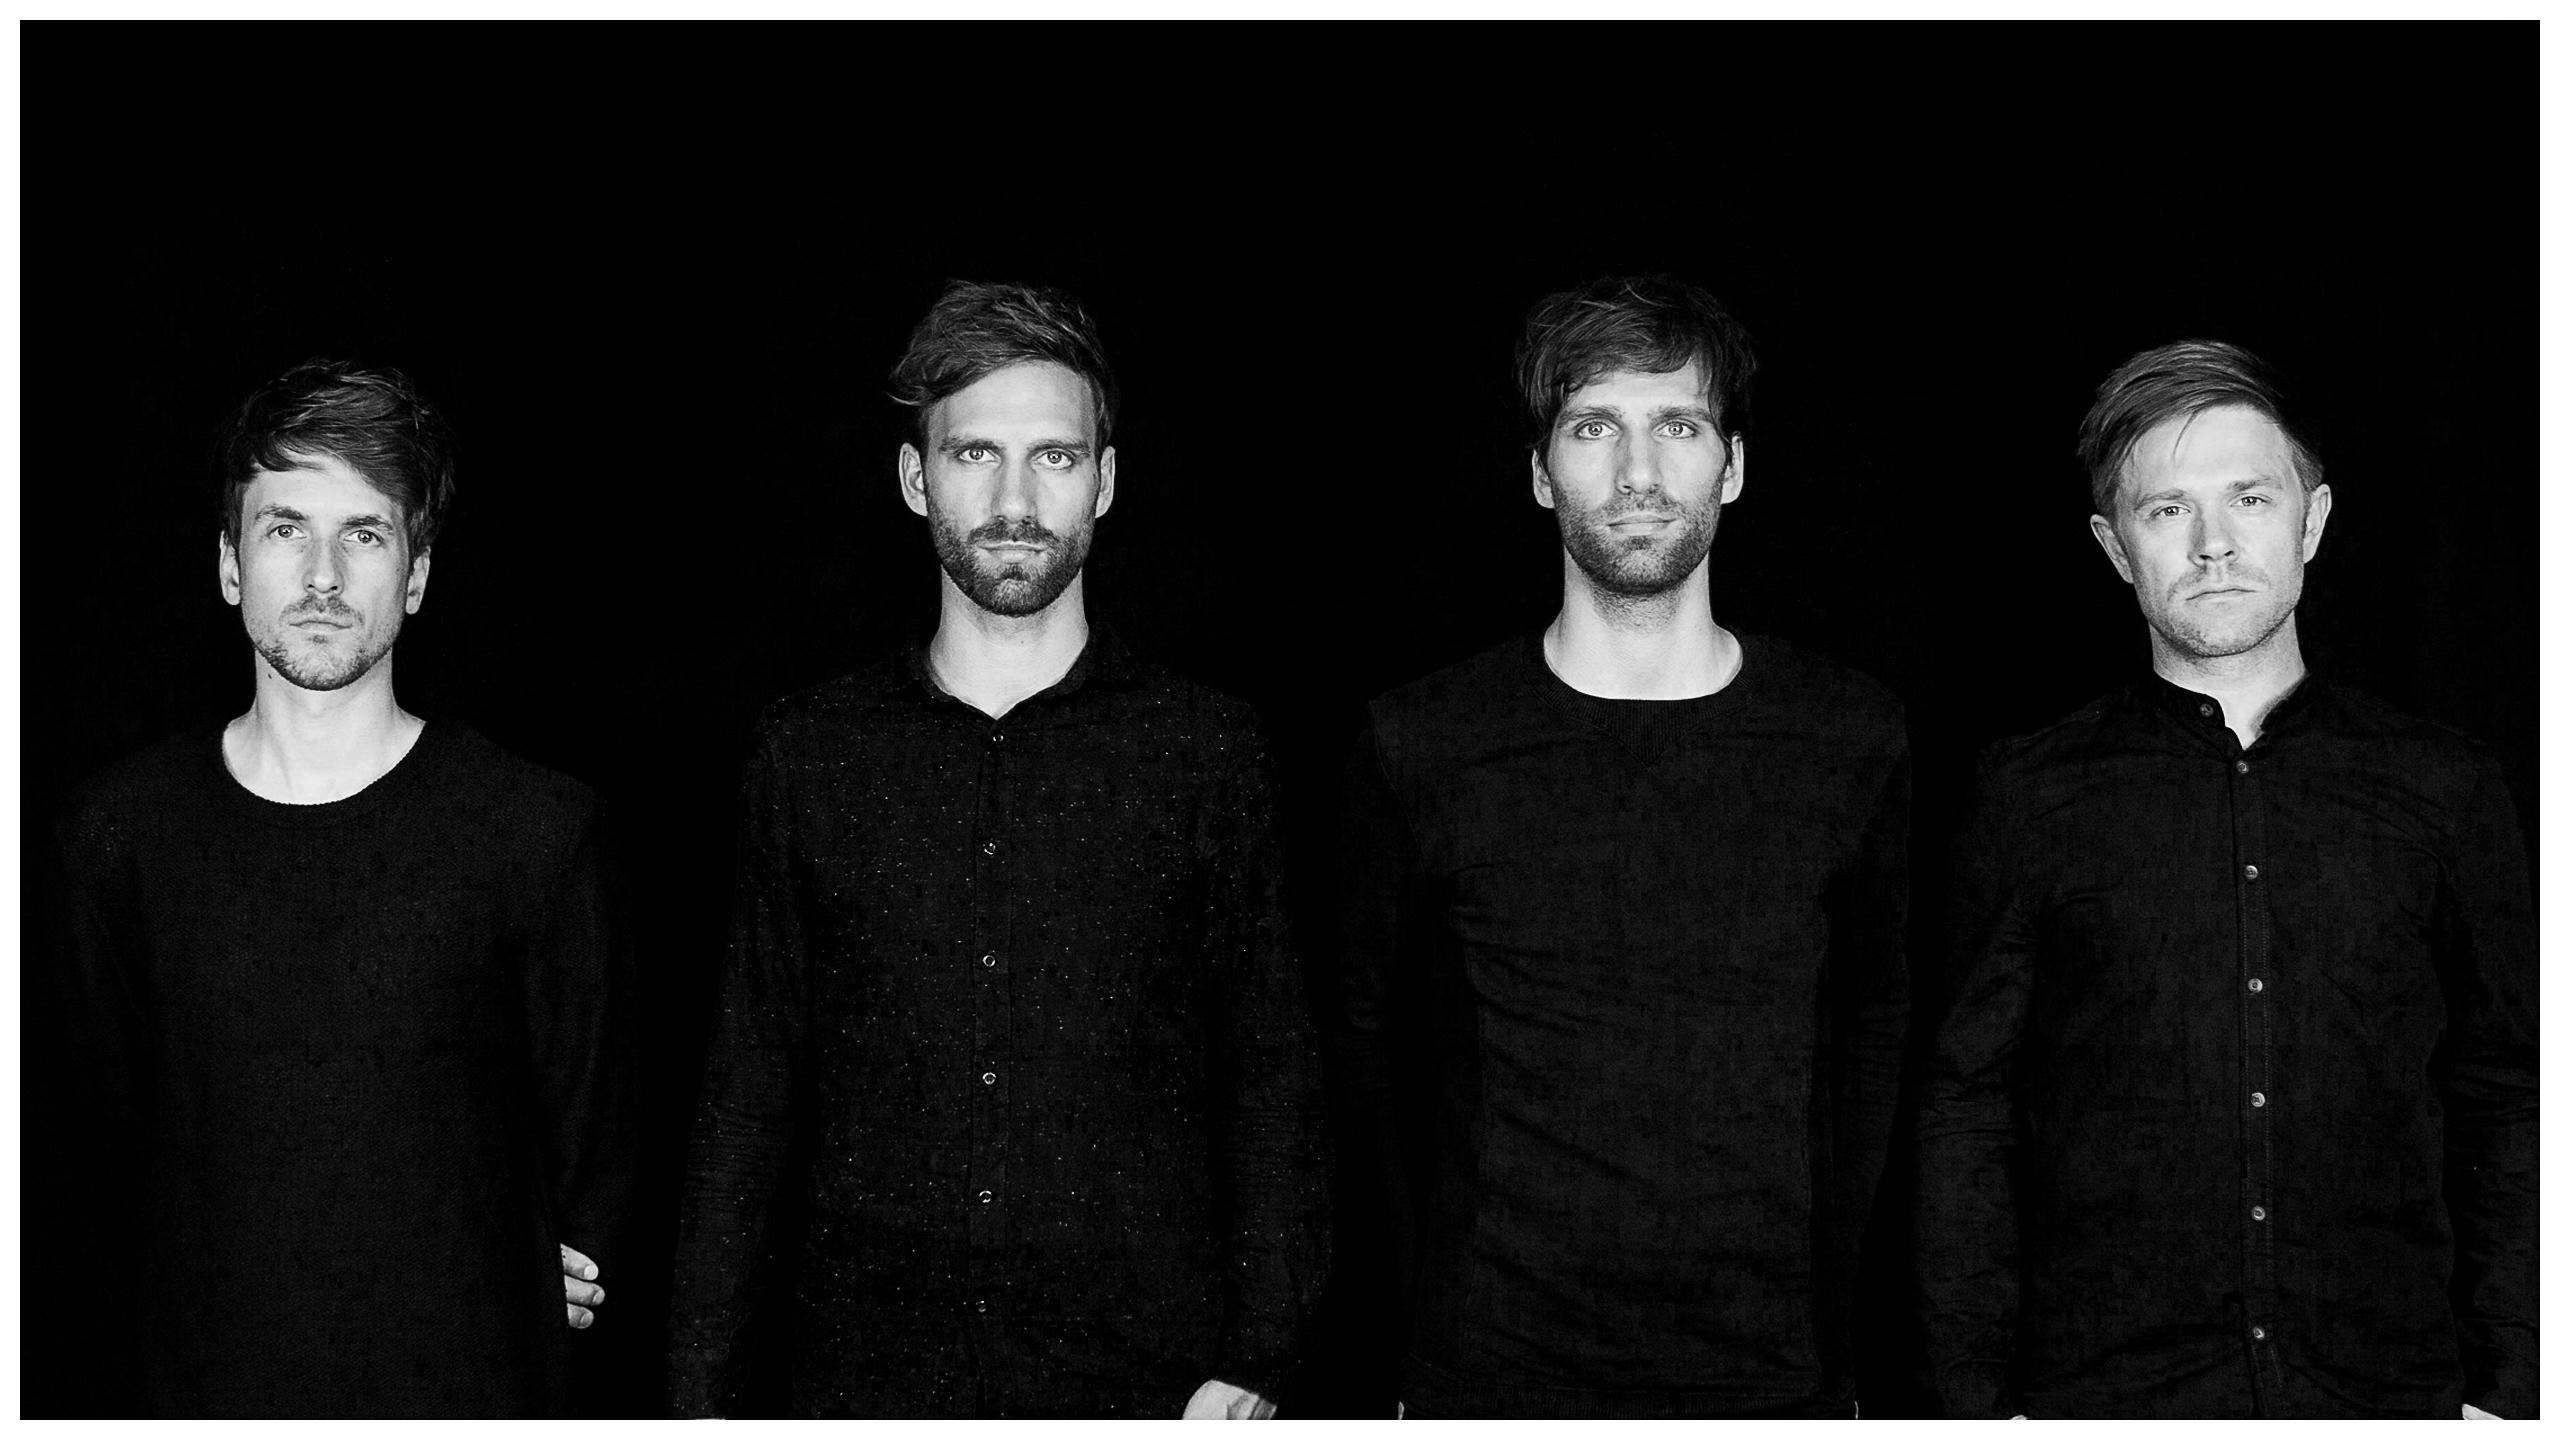 LIONLION mit Indie-Rock aus Nürnberg